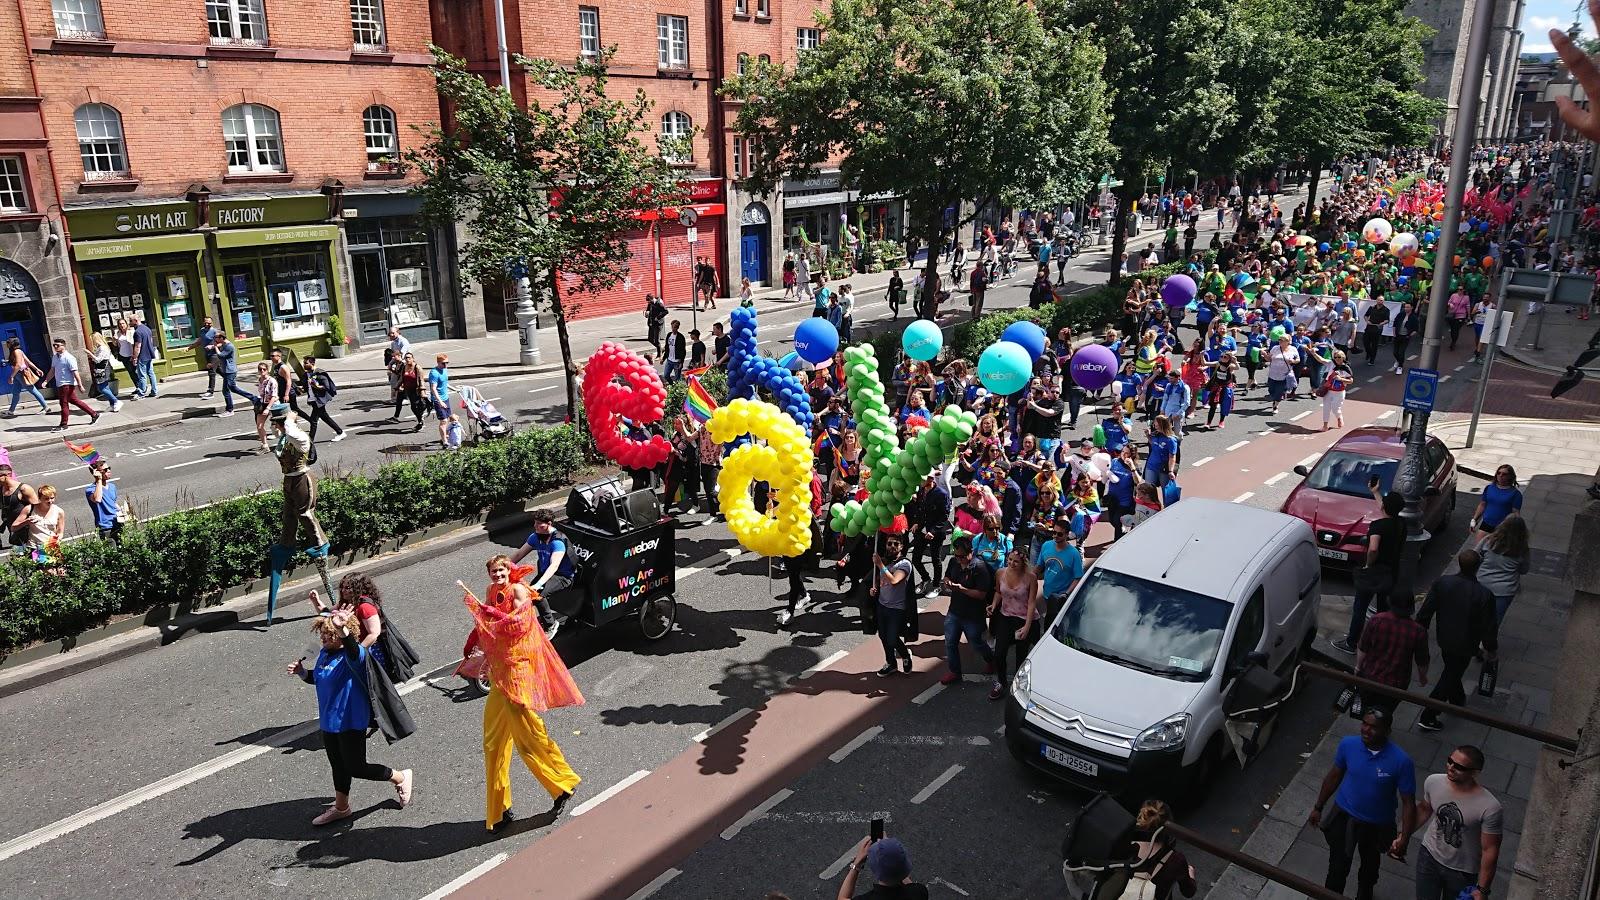 eBay in Dublin Pride 2017